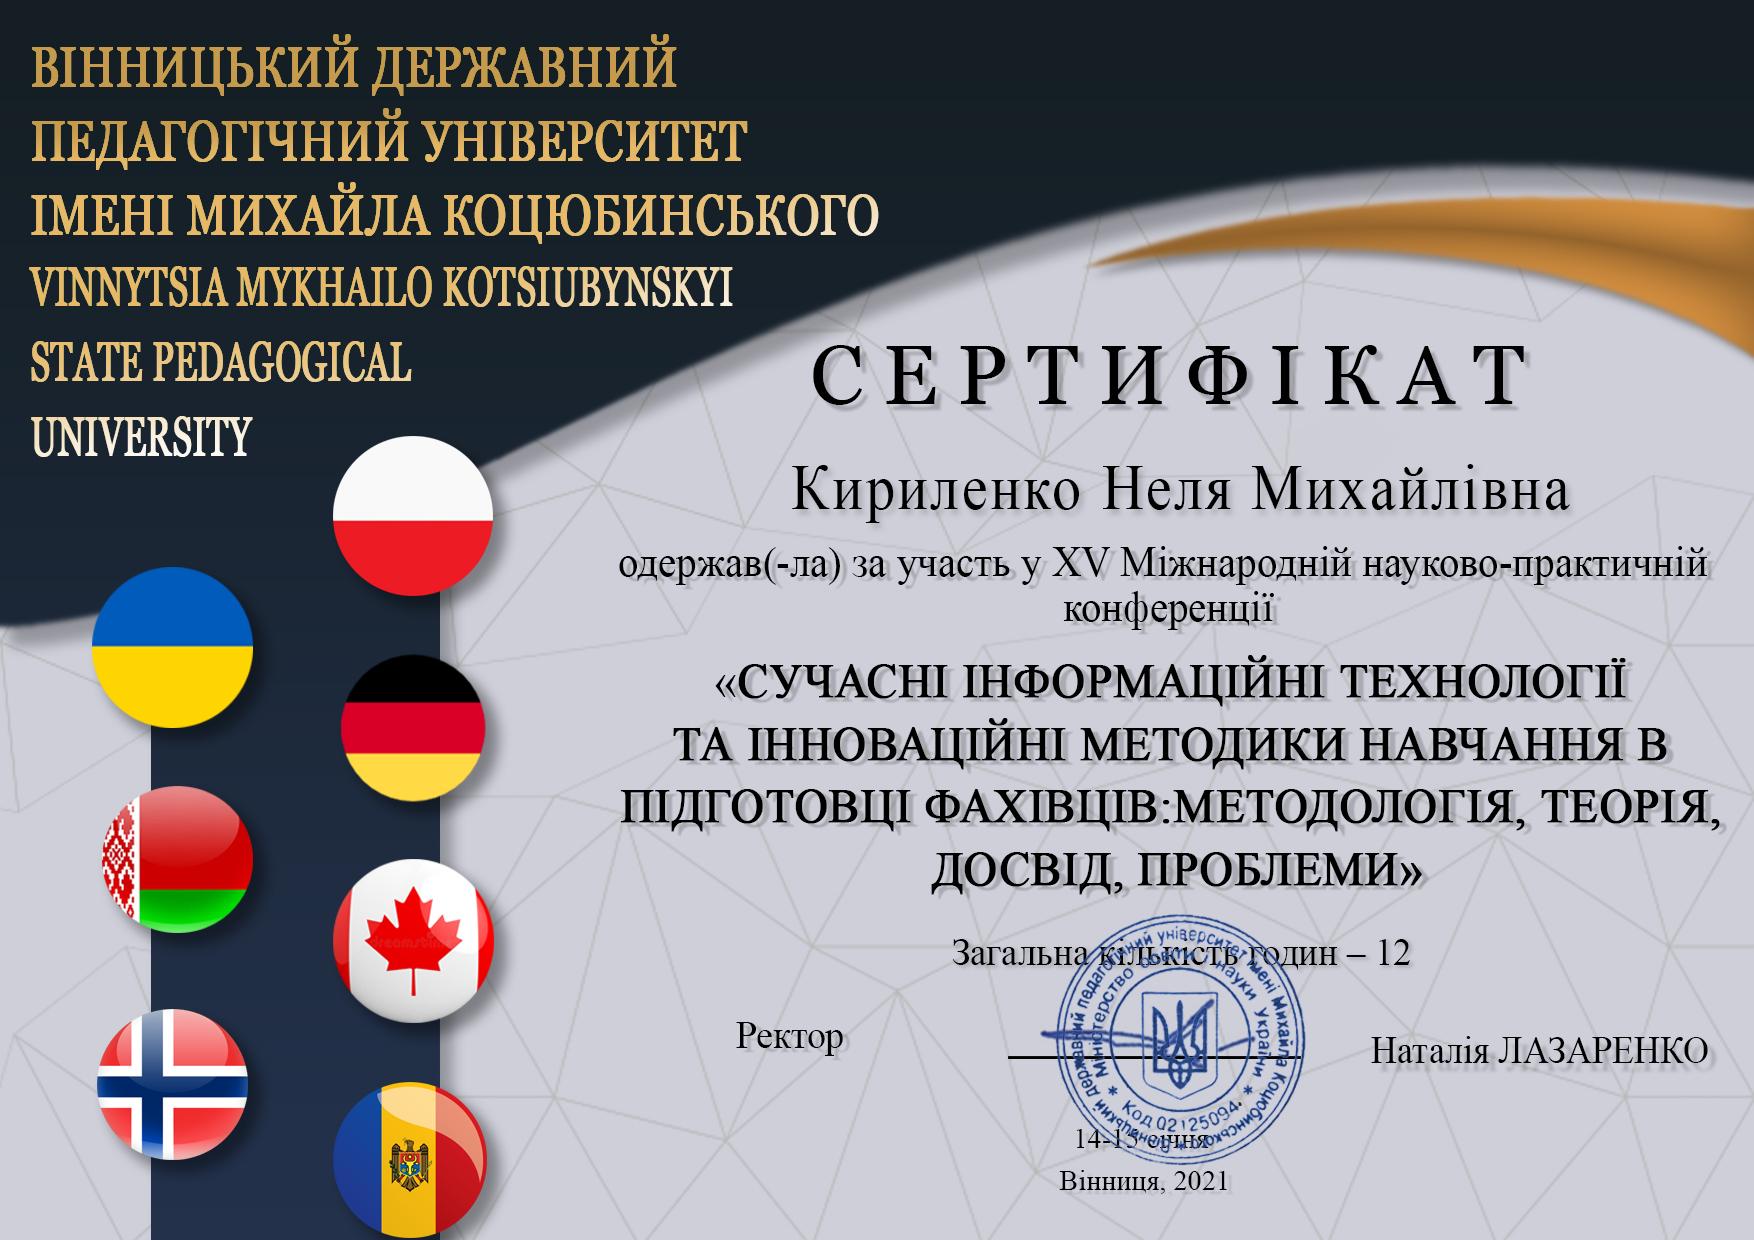 Кириленко Неля Михайлівна